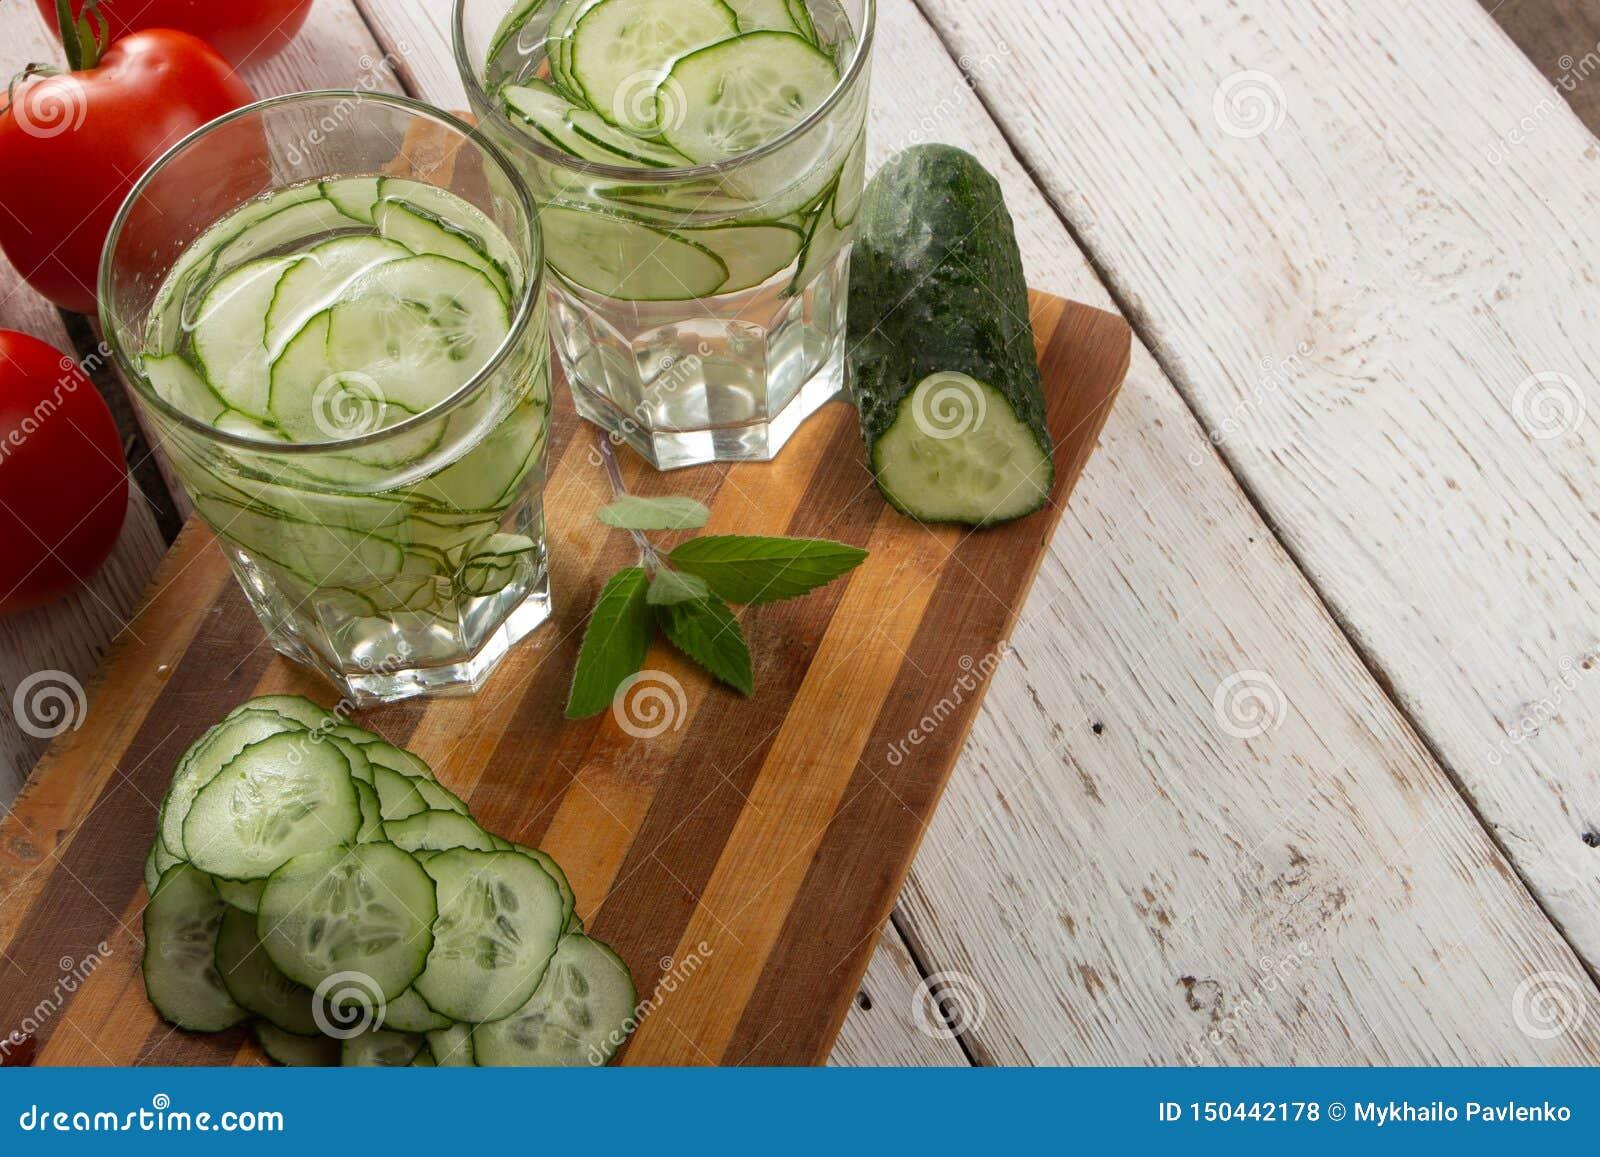 Ogórek woda, czyści wodę detoxify ciało i quench pragnienie na białym tle